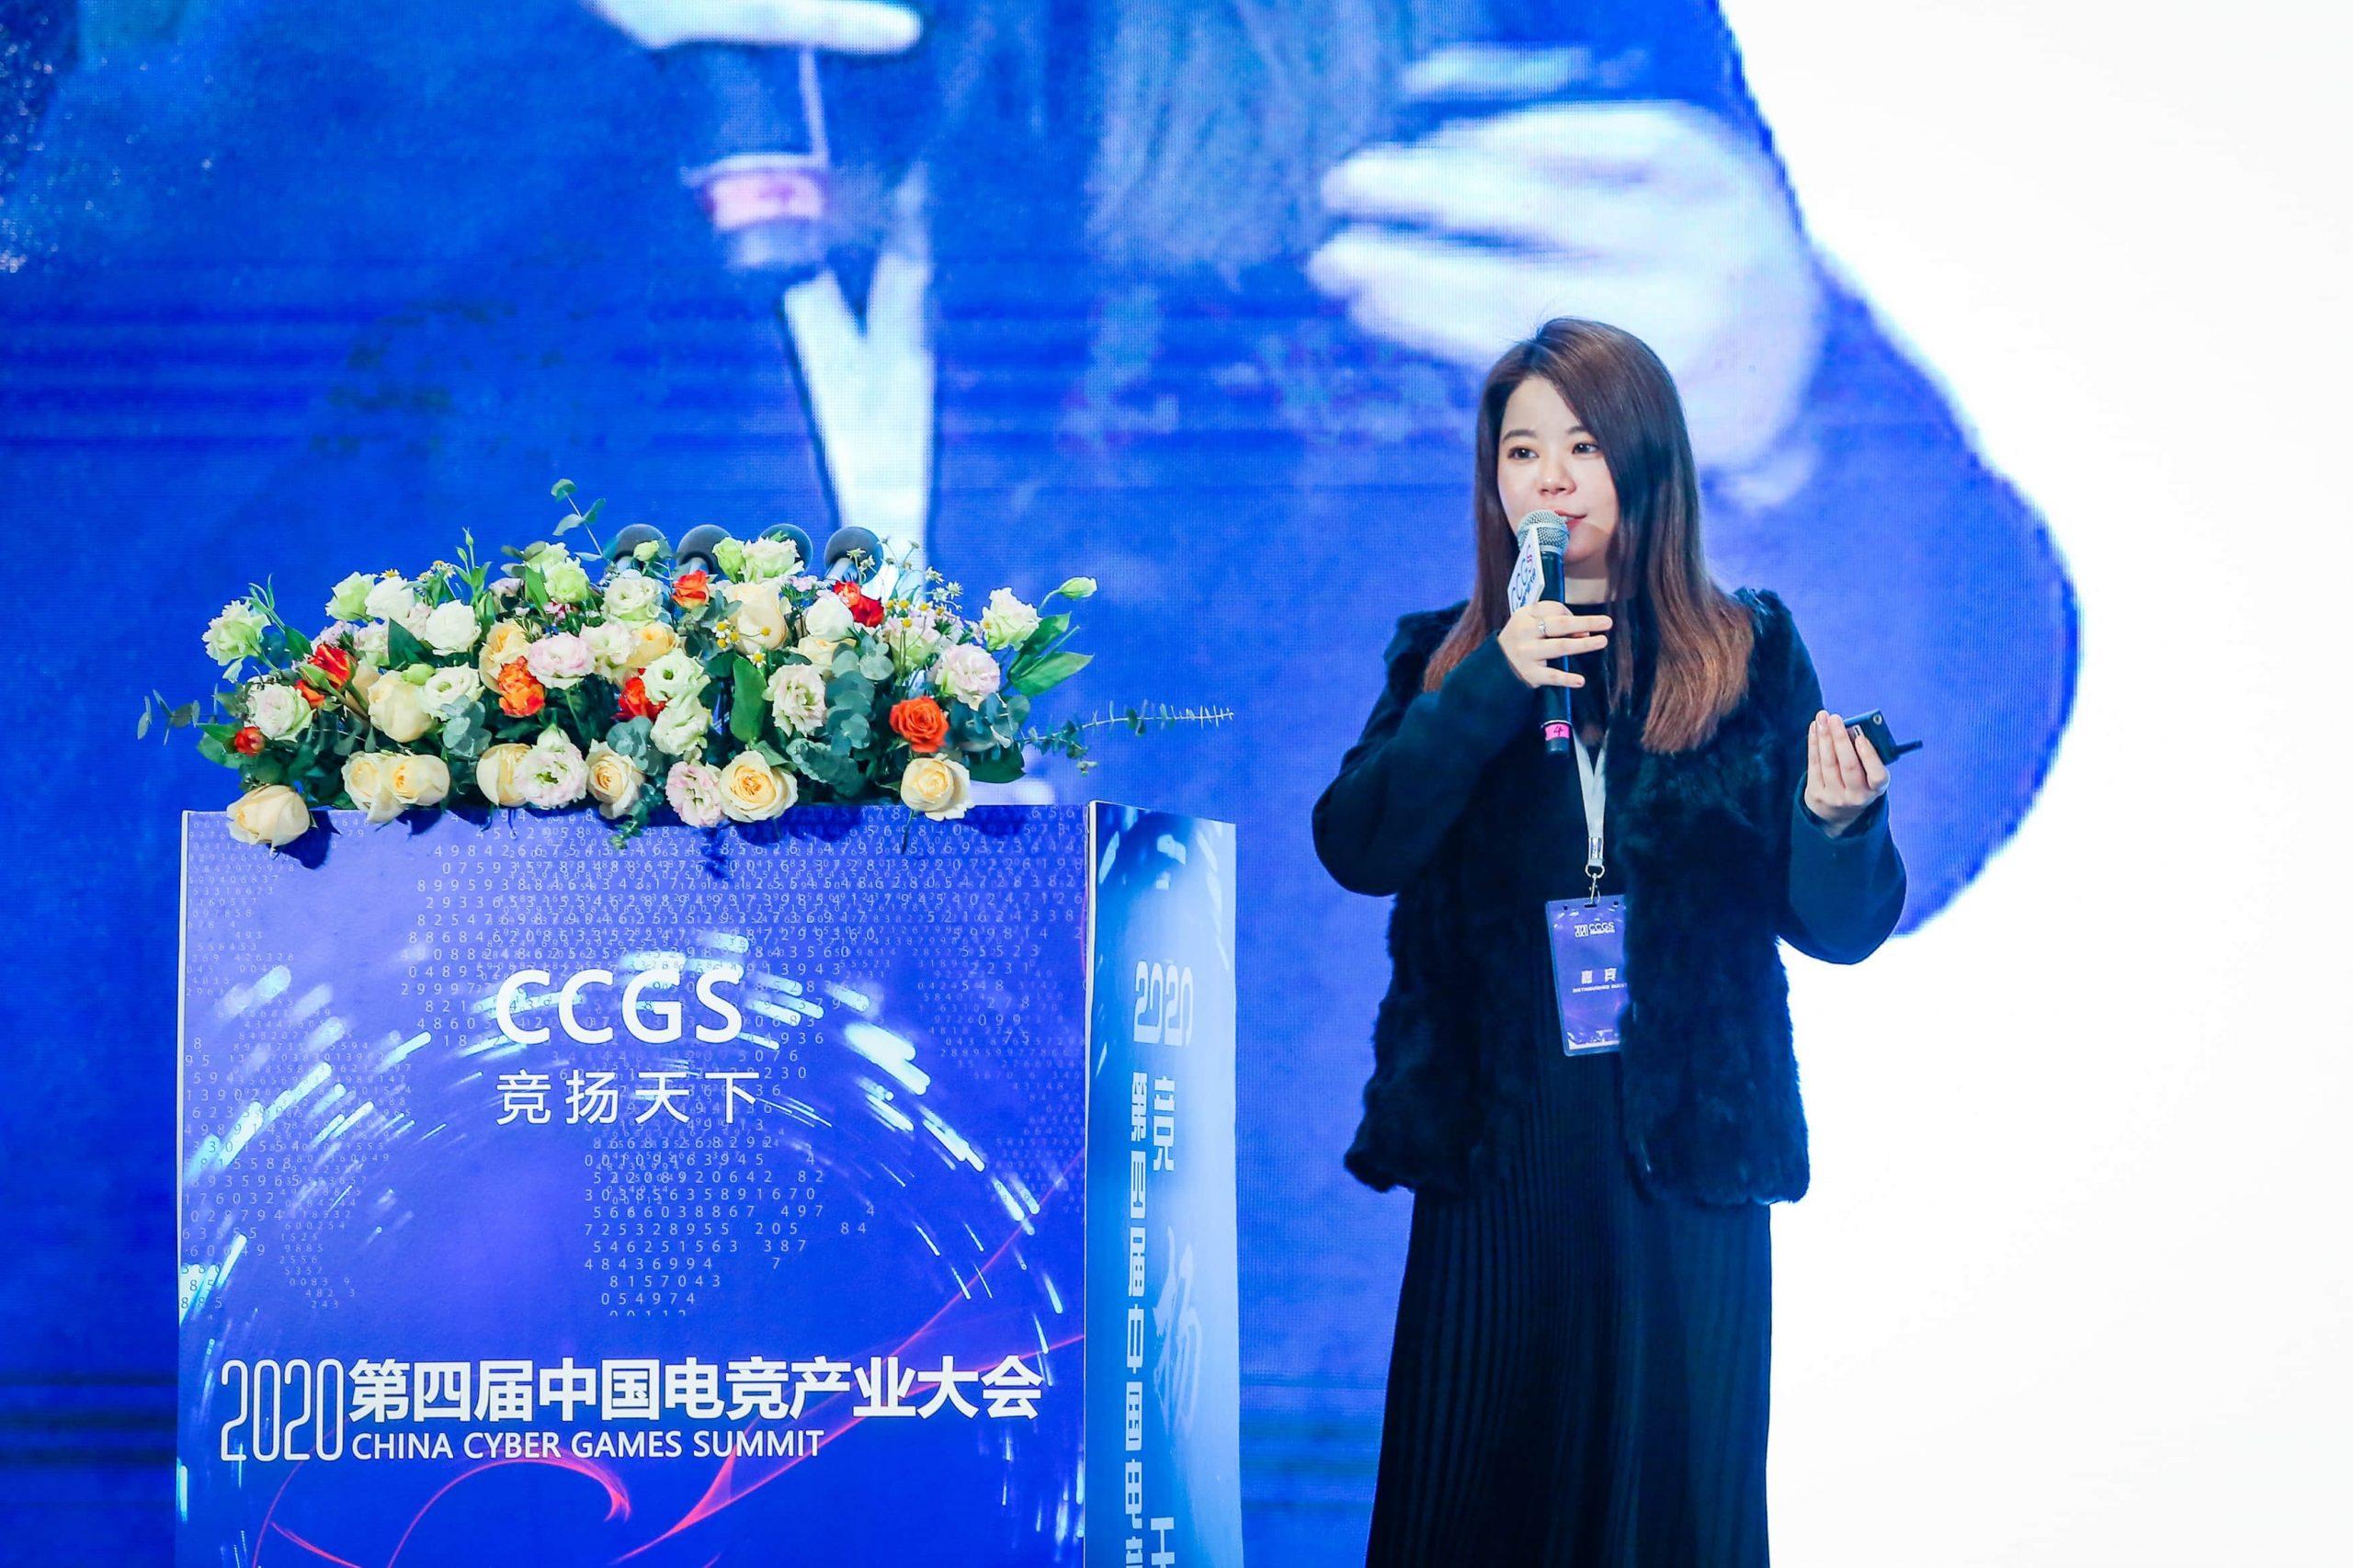 哔哩哔哩电竞总裁陈悠悠:电竞助推数字经济发展-Gamewower